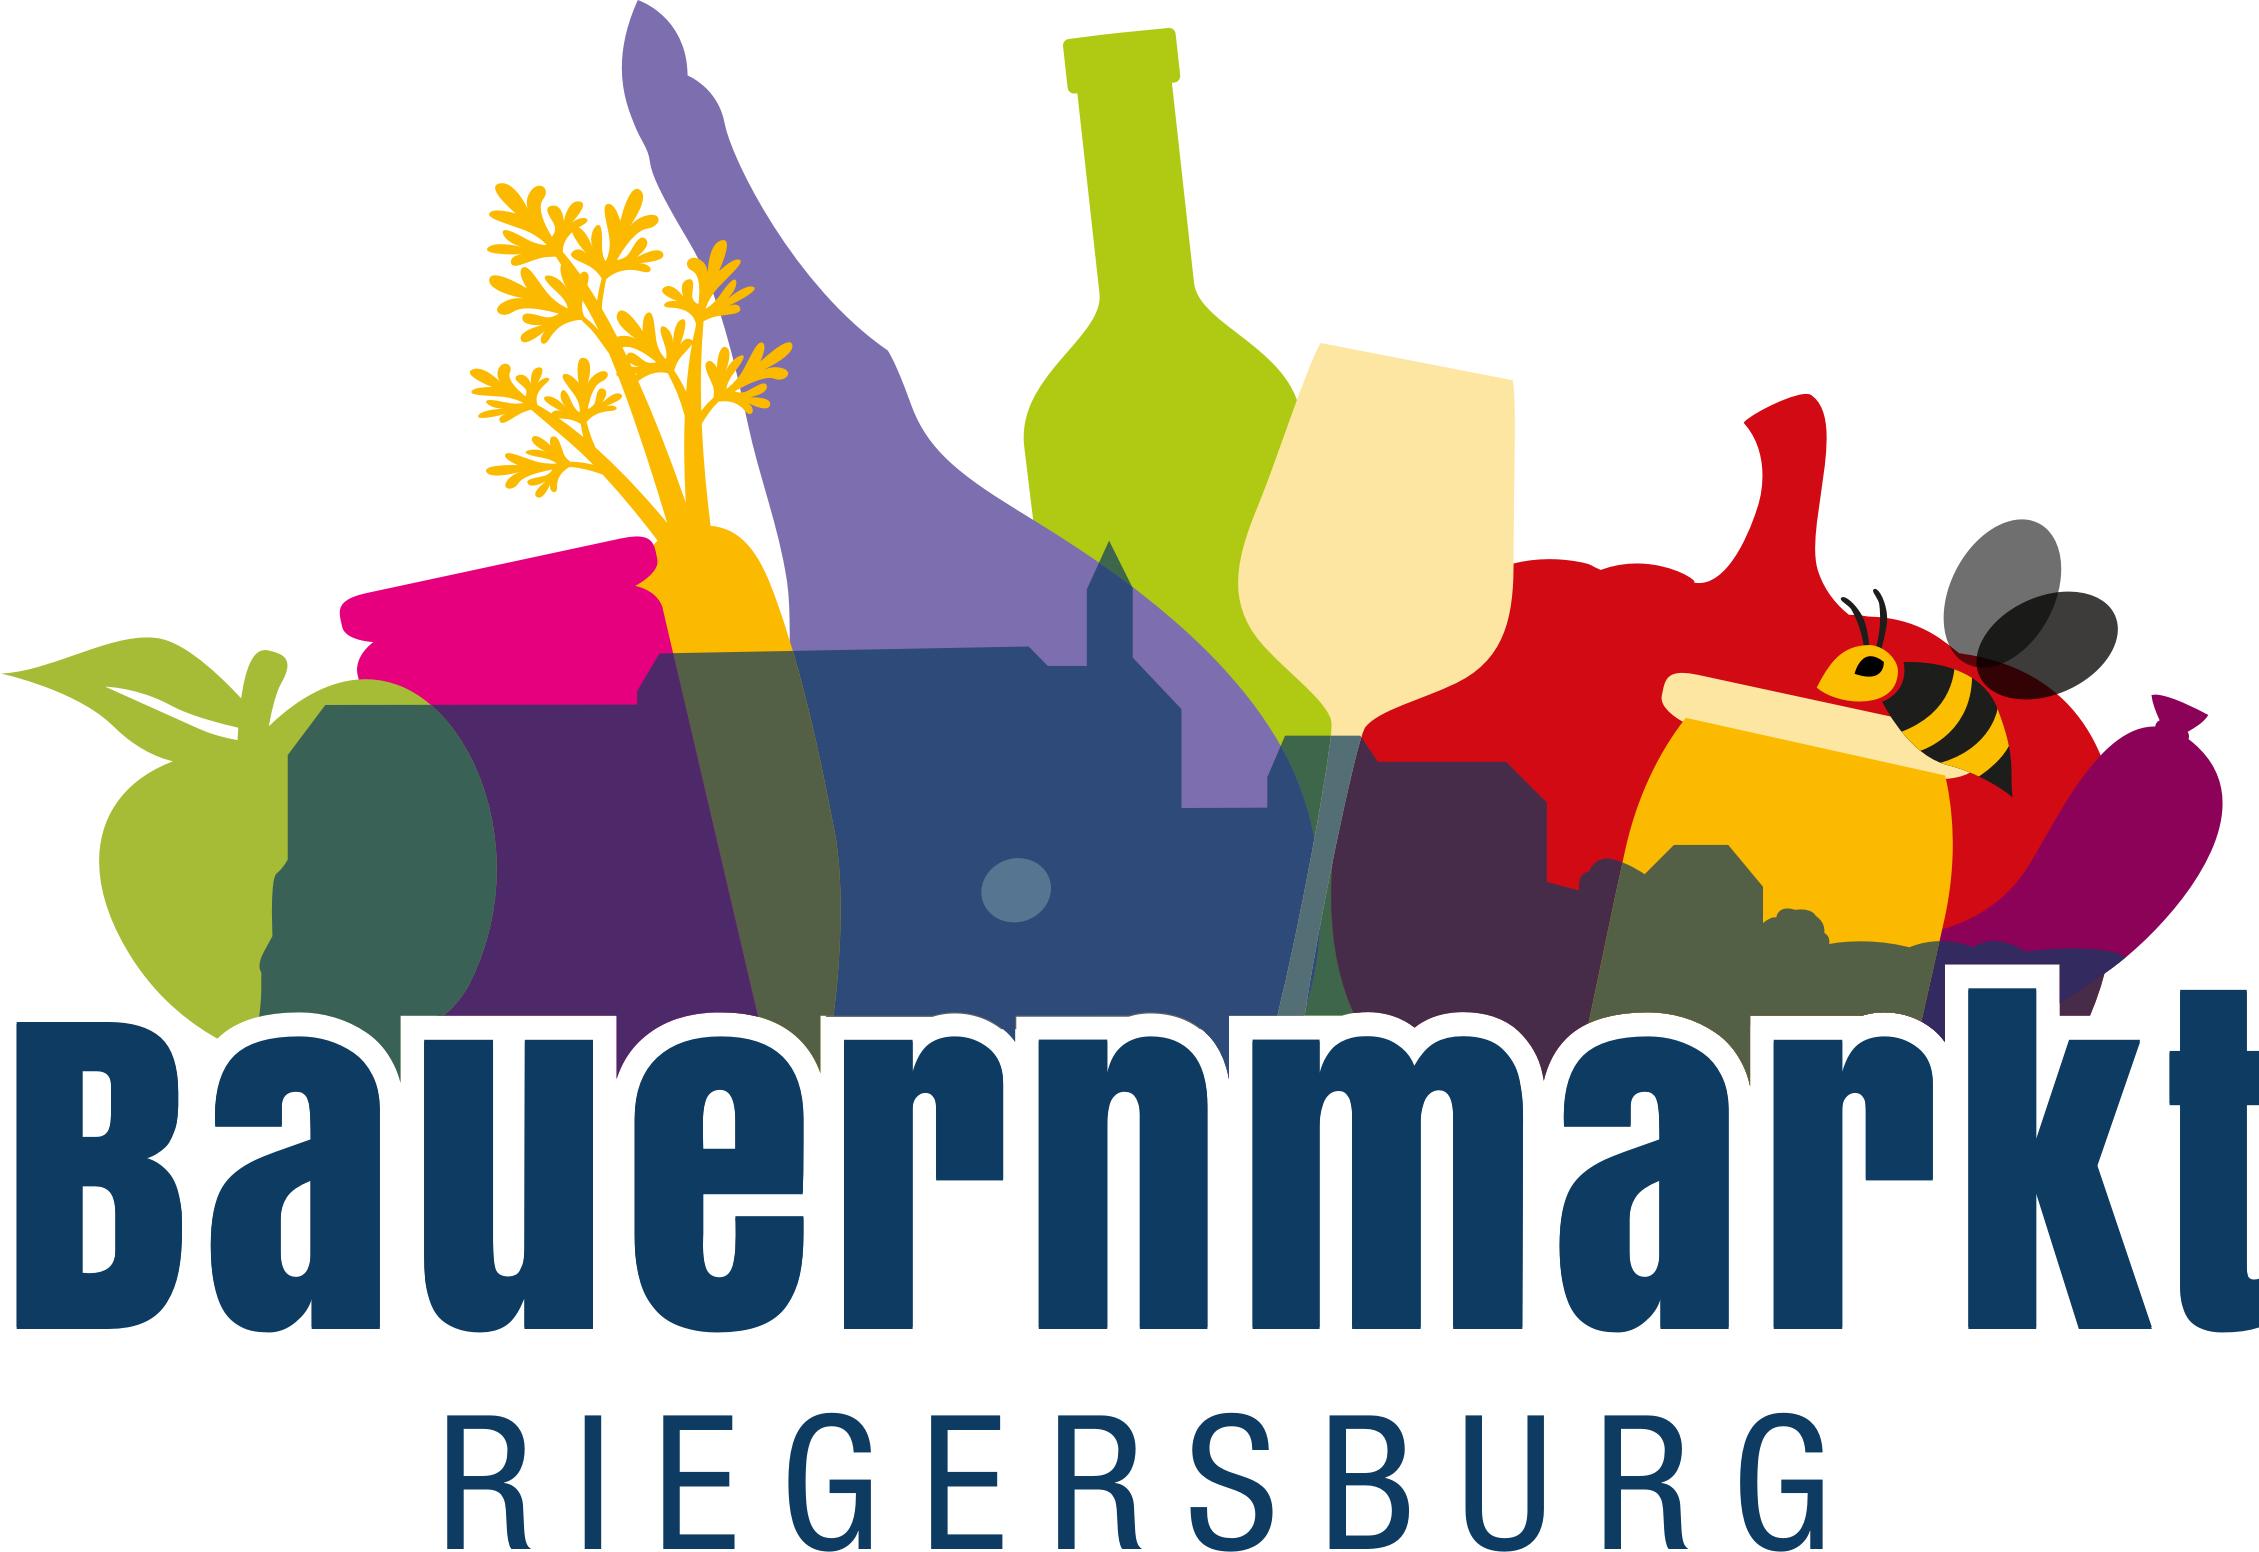 Riegersburg-Bauernmarkt-Marke